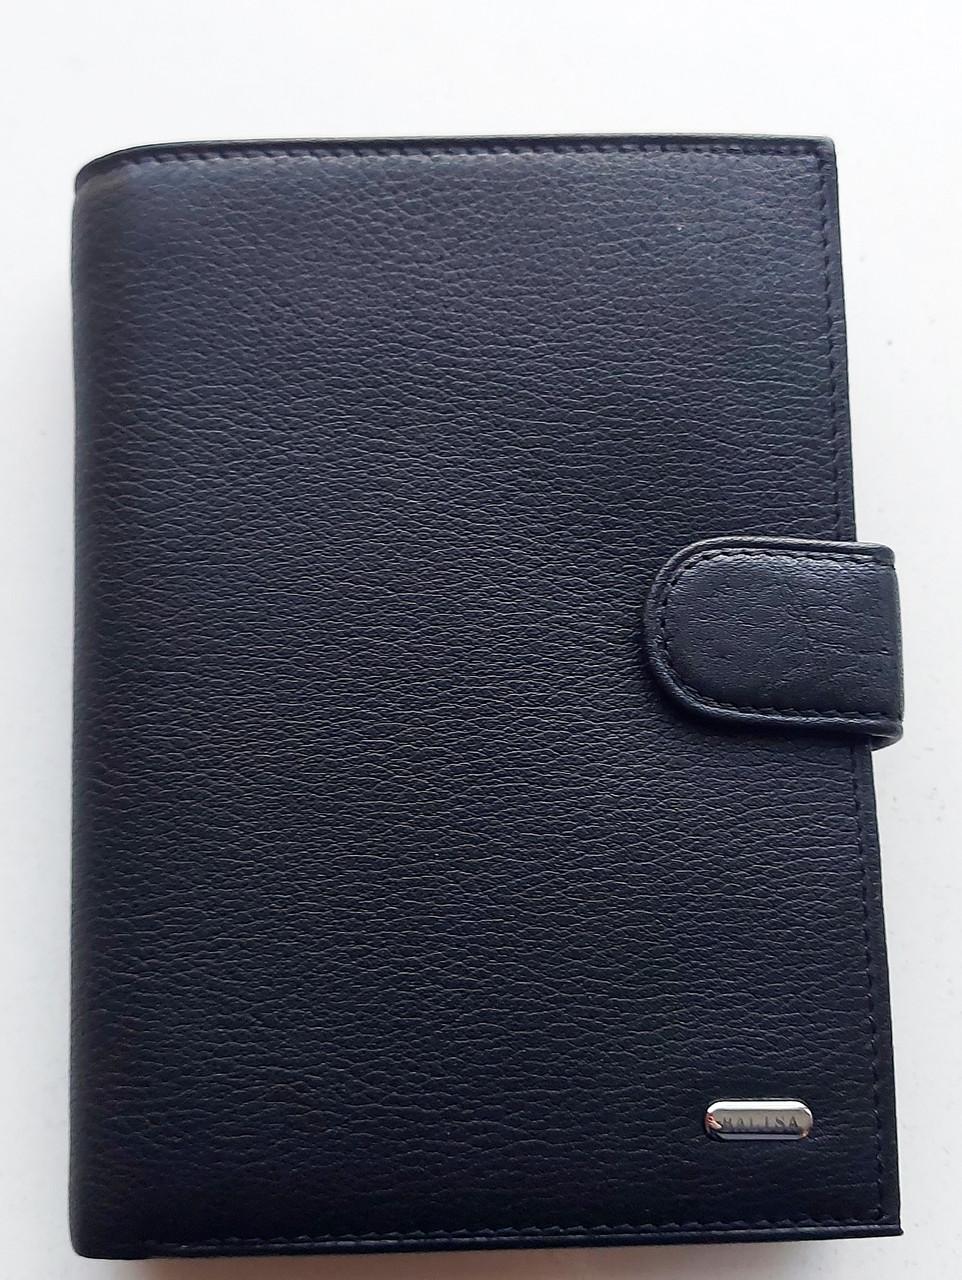 Мужское кожаное портмоне BA 9-14 black, купить мужское портмоне Balisa недорого в Украине